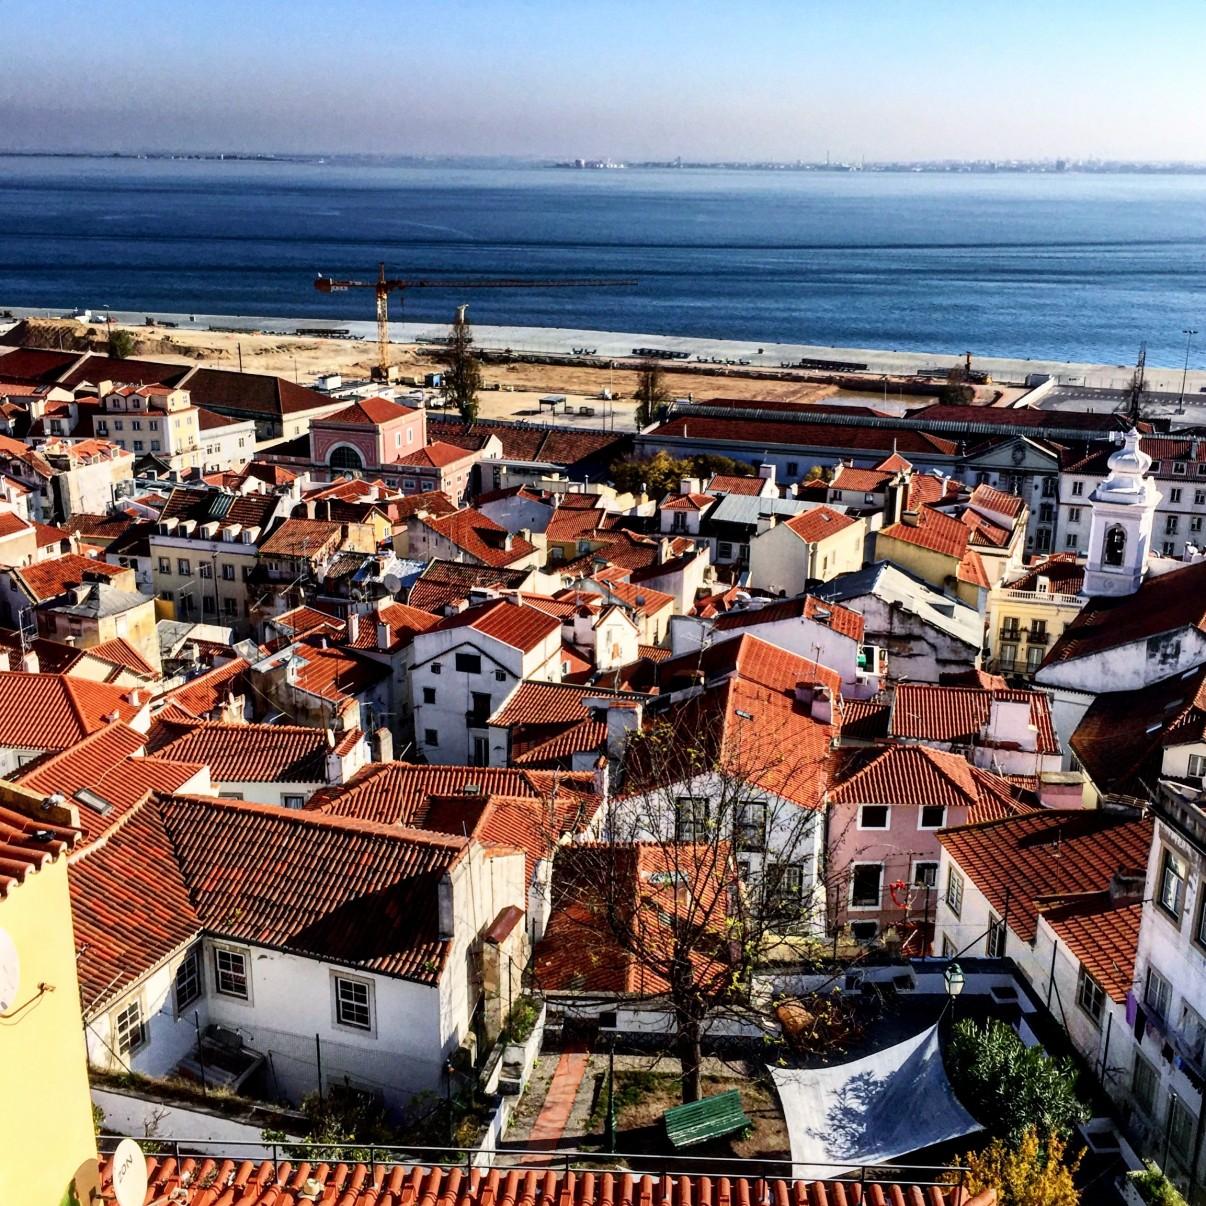 Les 25 villes visiter de toute urgence escale de nuit - Office du tourisme de lisbonne ...